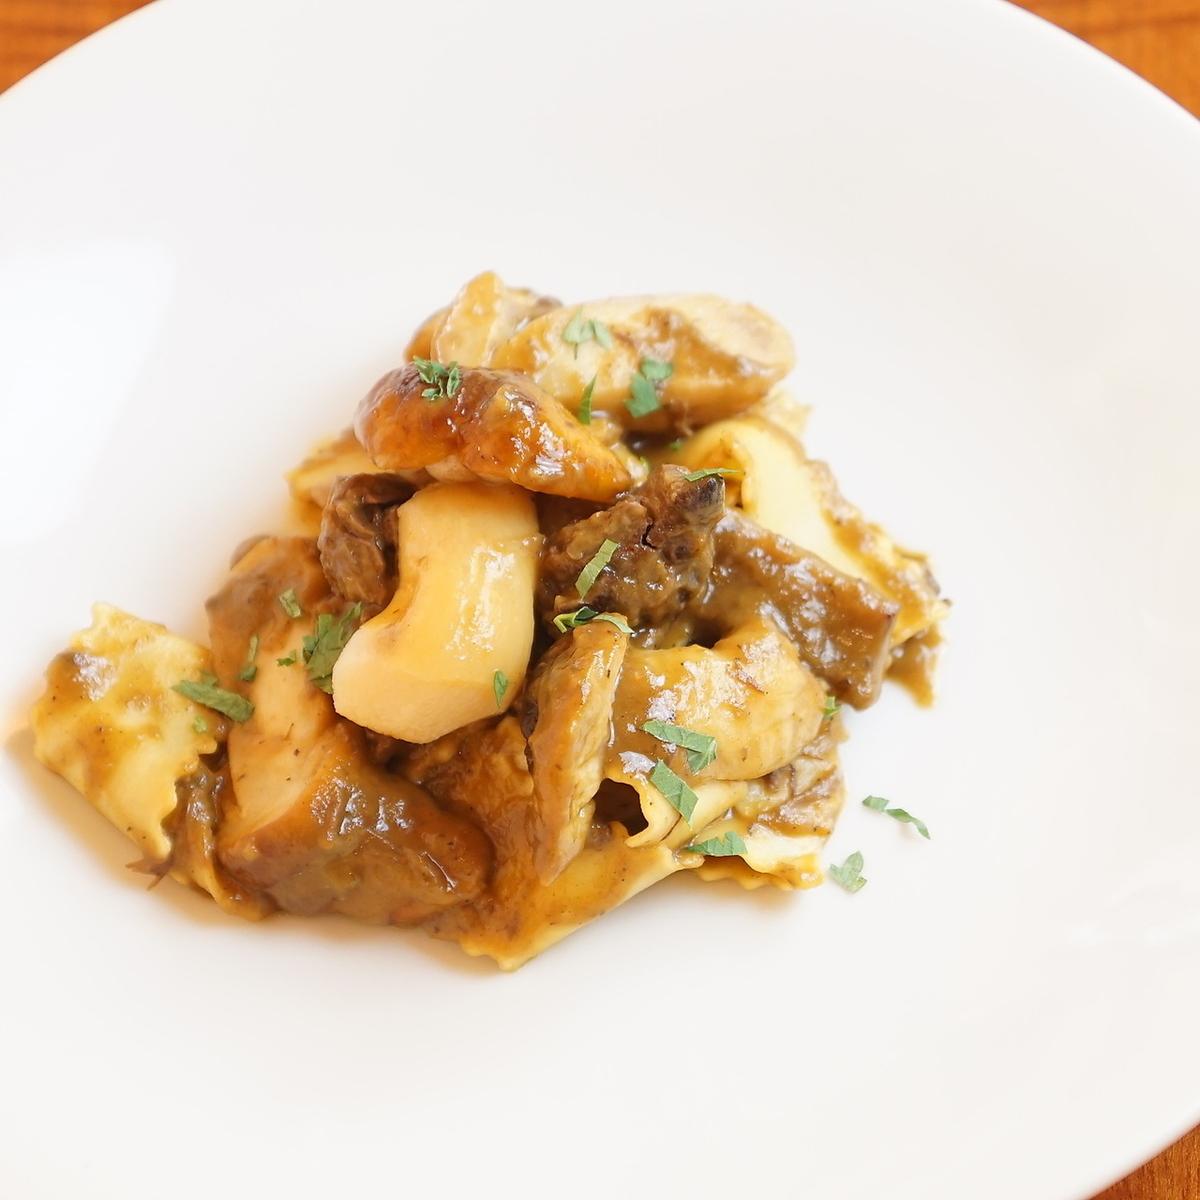 日本牛肉炖肉和牛肝菌酱Pappardelle由三重县产蛋